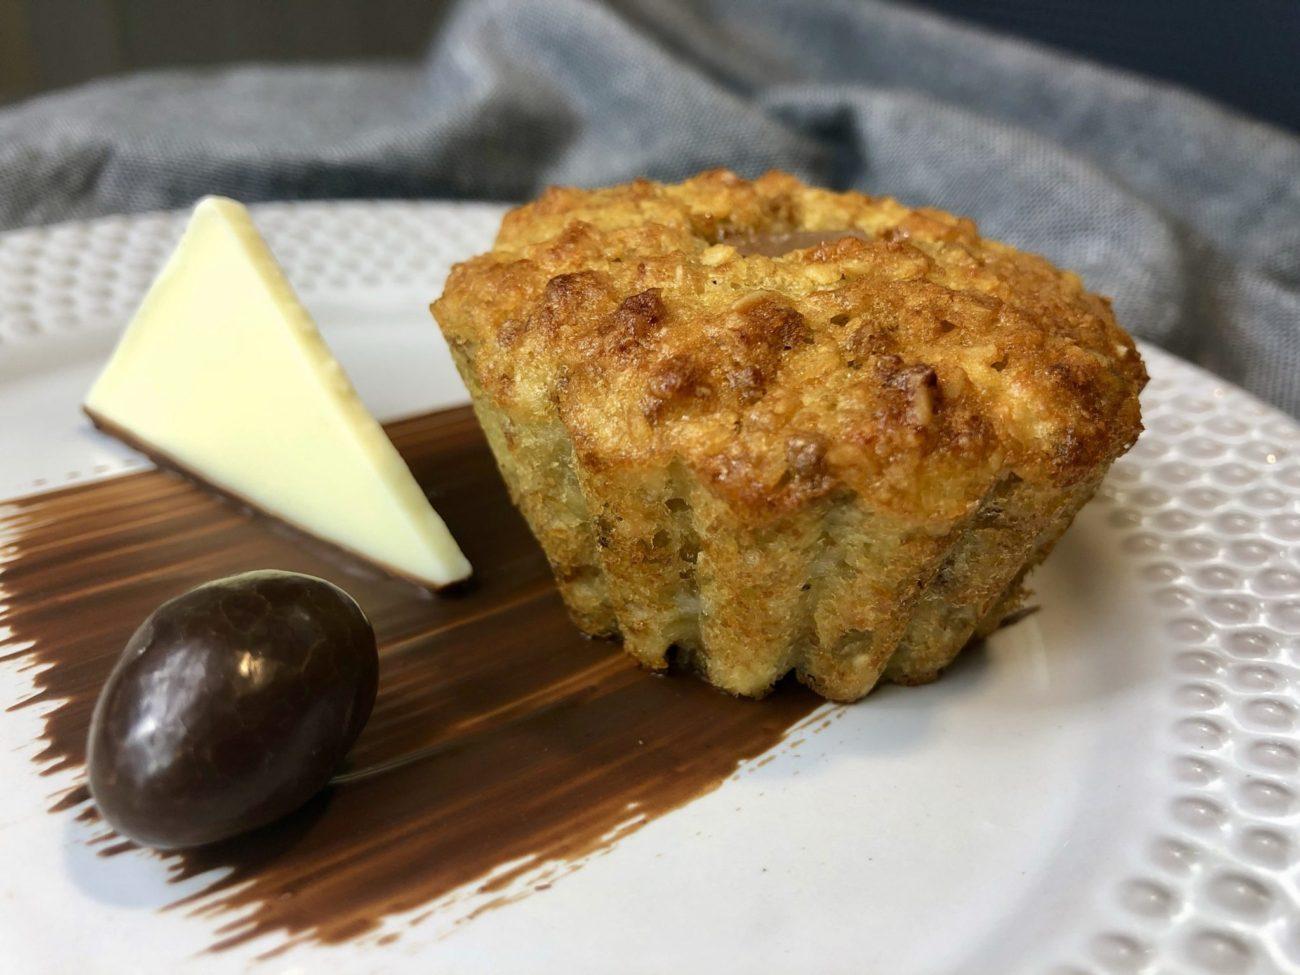 Tvarohové muffiny z ovesných vloček s banánem a kokosem